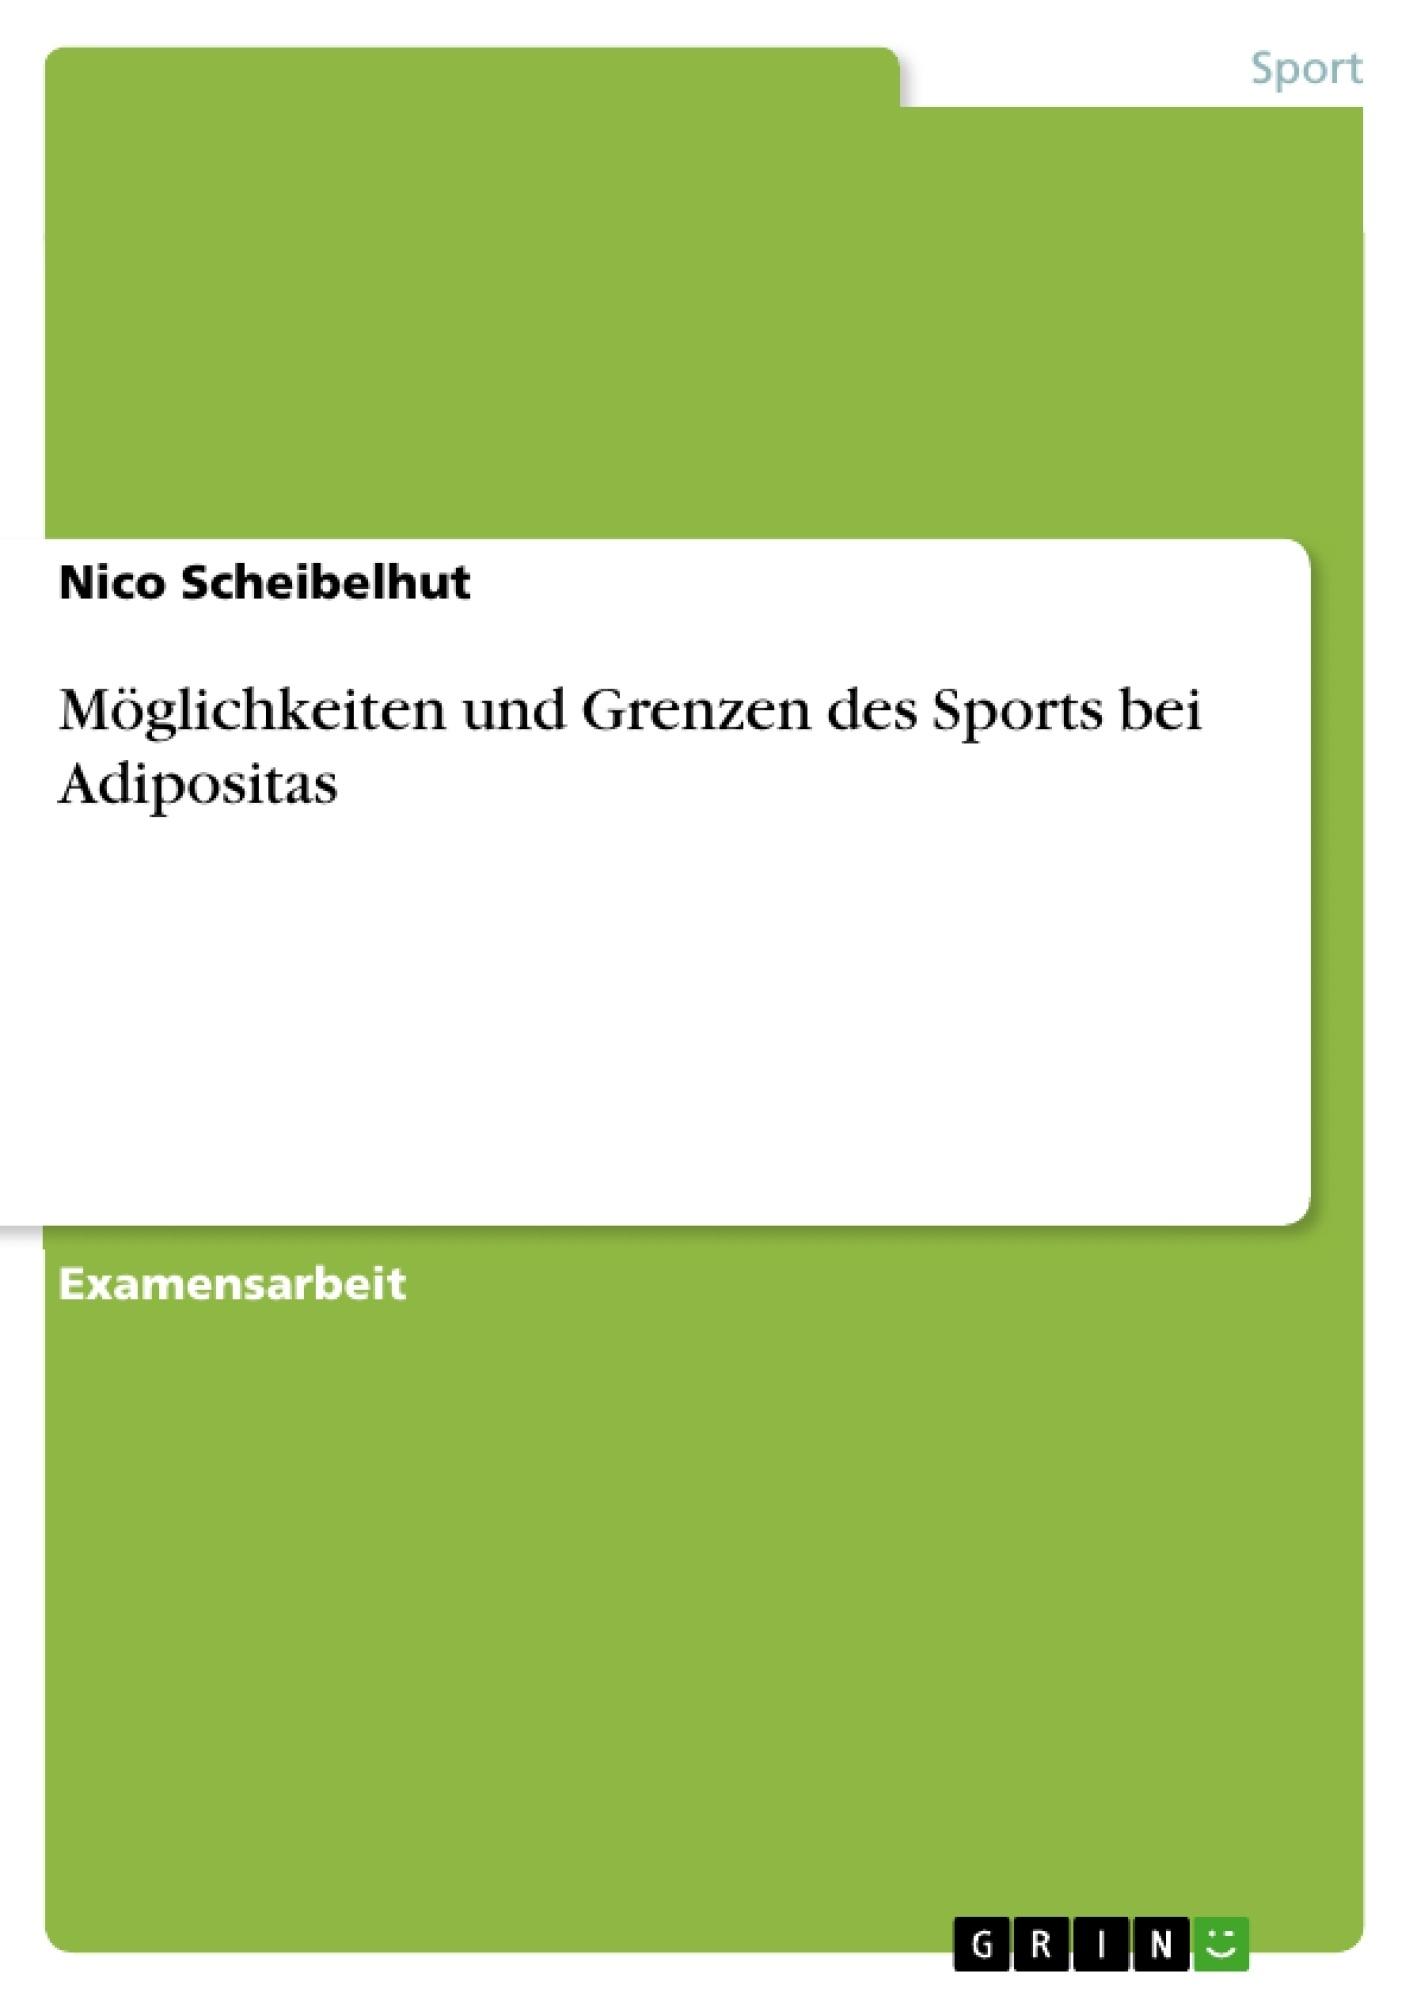 Titel: Möglichkeiten und Grenzen des Sports bei Adipositas